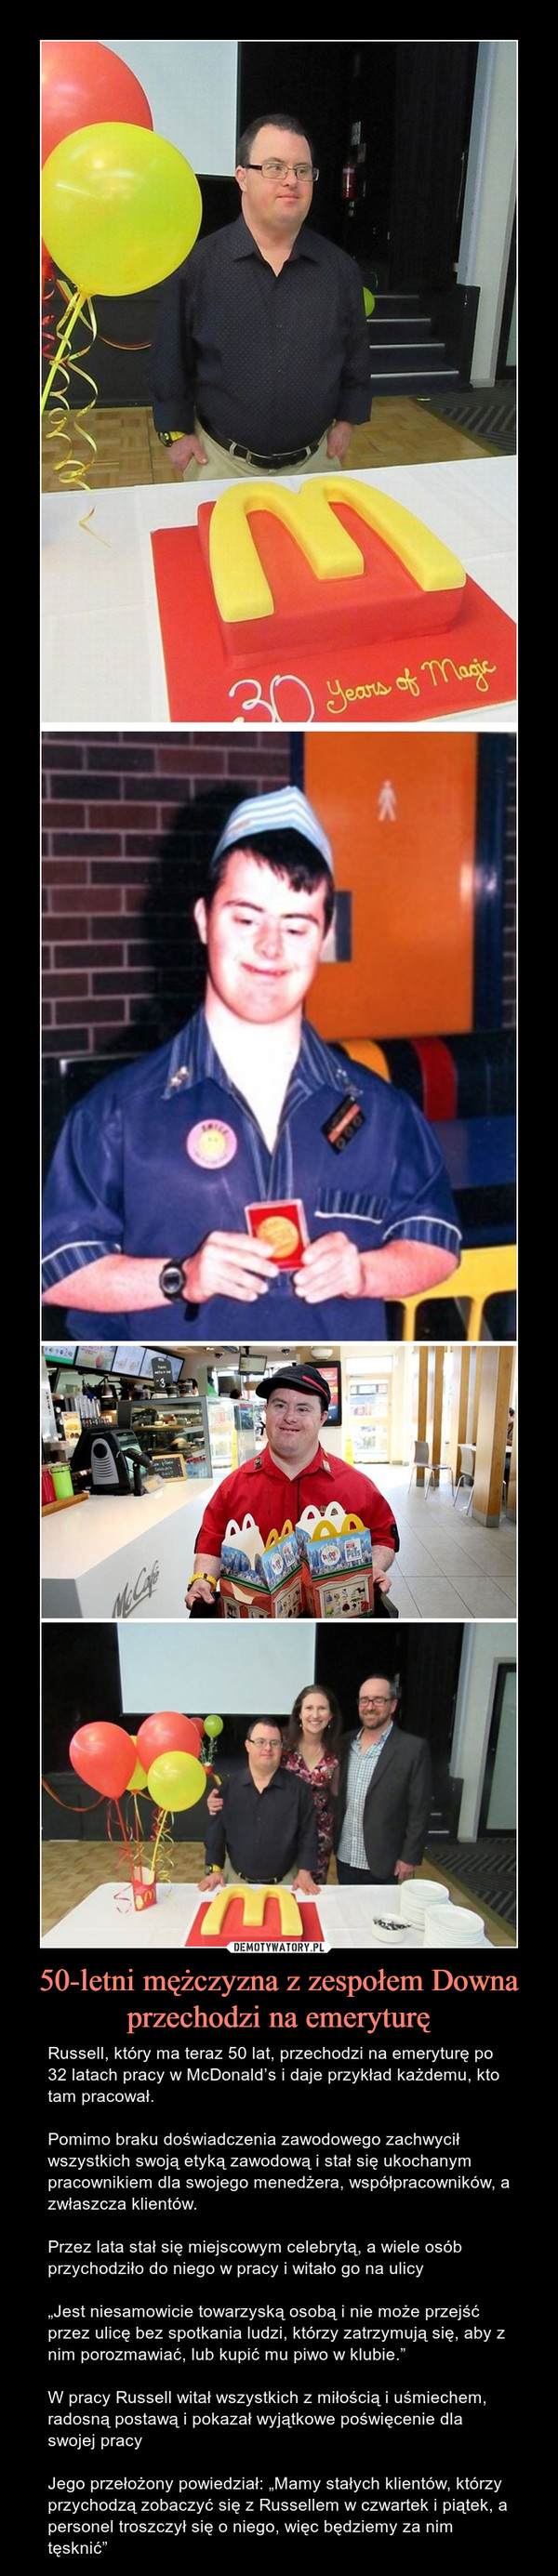 """50-letni mężczyzna z zespołem Downa przechodzi na emeryturę – Russell, który ma teraz 50 lat, przechodzi na emeryturę po 32 latach pracy w McDonald's i daje przykład każdemu, kto tam pracował.Pomimo braku doświadczenia zawodowego zachwycił wszystkich swoją etyką zawodową i stał się ukochanym pracownikiem dla swojego menedżera, współpracowników, a zwłaszcza klientów.Przez lata stał się miejscowym celebrytą, a wiele osób przychodziło do niego w pracy i witało go na ulicy""""Jest niesamowicie towarzyską osobą i nie może przejść przez ulicę bez spotkania ludzi, którzy zatrzymują się, aby z nim porozmawiać, lub kupić mu piwo w klubie.""""W pracy Russell witał wszystkich z miłością i uśmiechem, radosną postawą i pokazał wyjątkowe poświęcenie dla swojej pracyJego przełożony powiedział: """"Mamy stałych klientów, którzy przychodzą zobaczyć się z Russellem w czwartek i piątek, a personel troszczył się o niego, więc będziemy za nim tęsknić"""""""